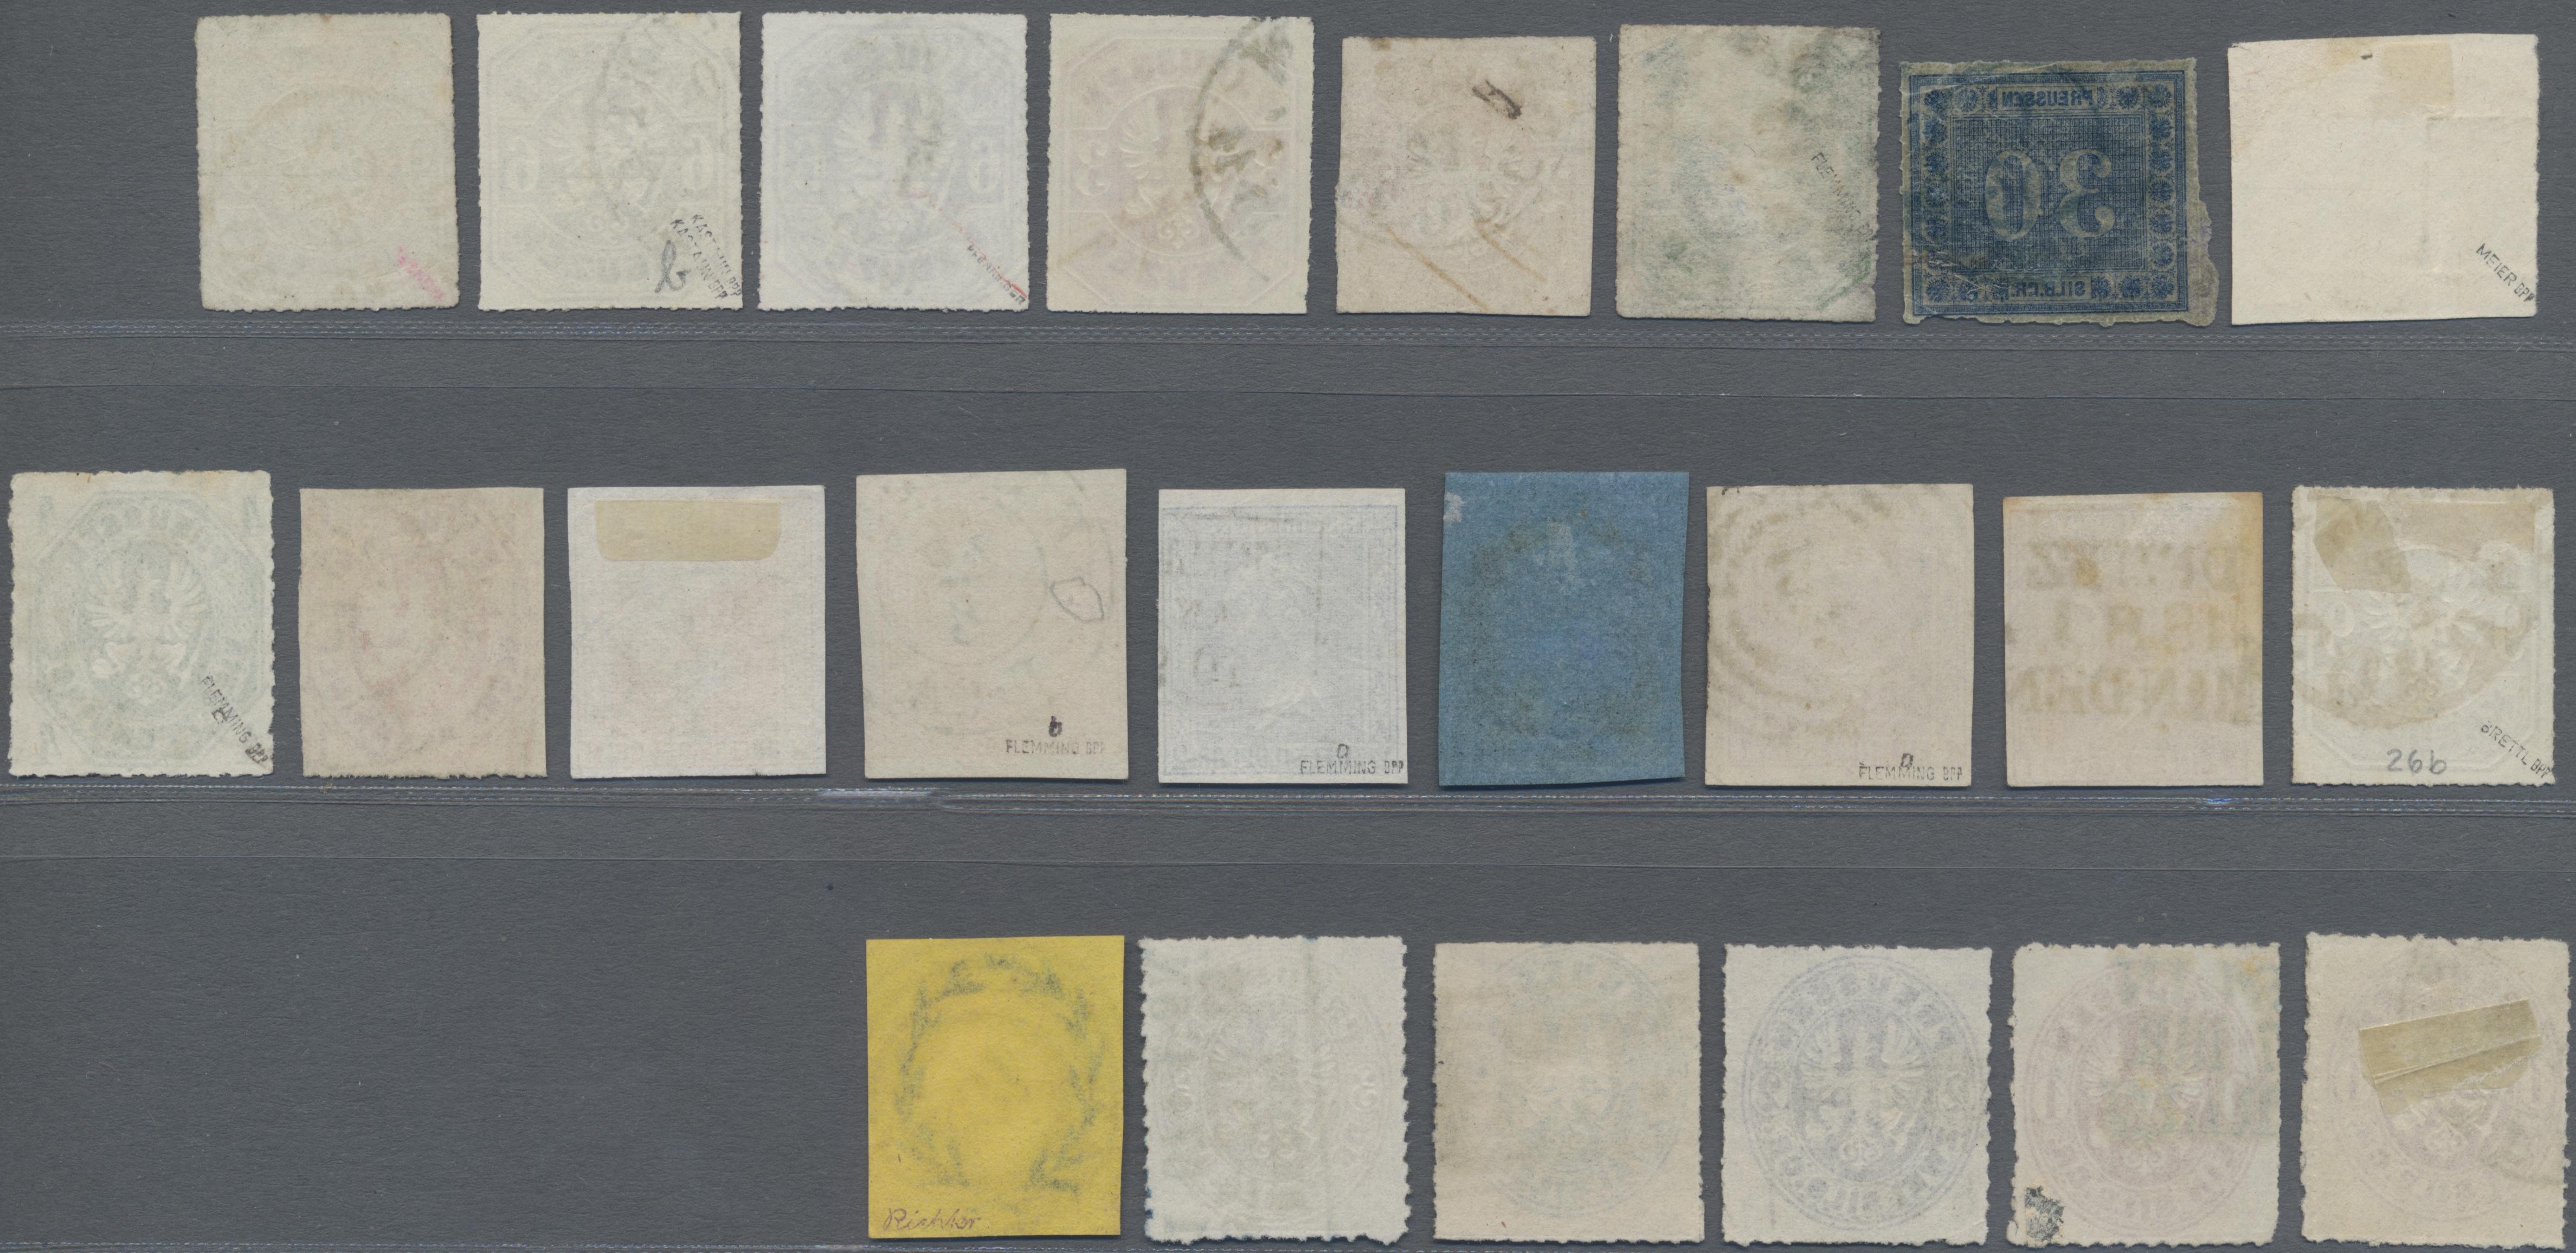 Lot 22886 - Preußen - Marken und Briefe  -  Auktionshaus Christoph Gärtner GmbH & Co. KG 50th Auction Anniversary Auction - Day 7